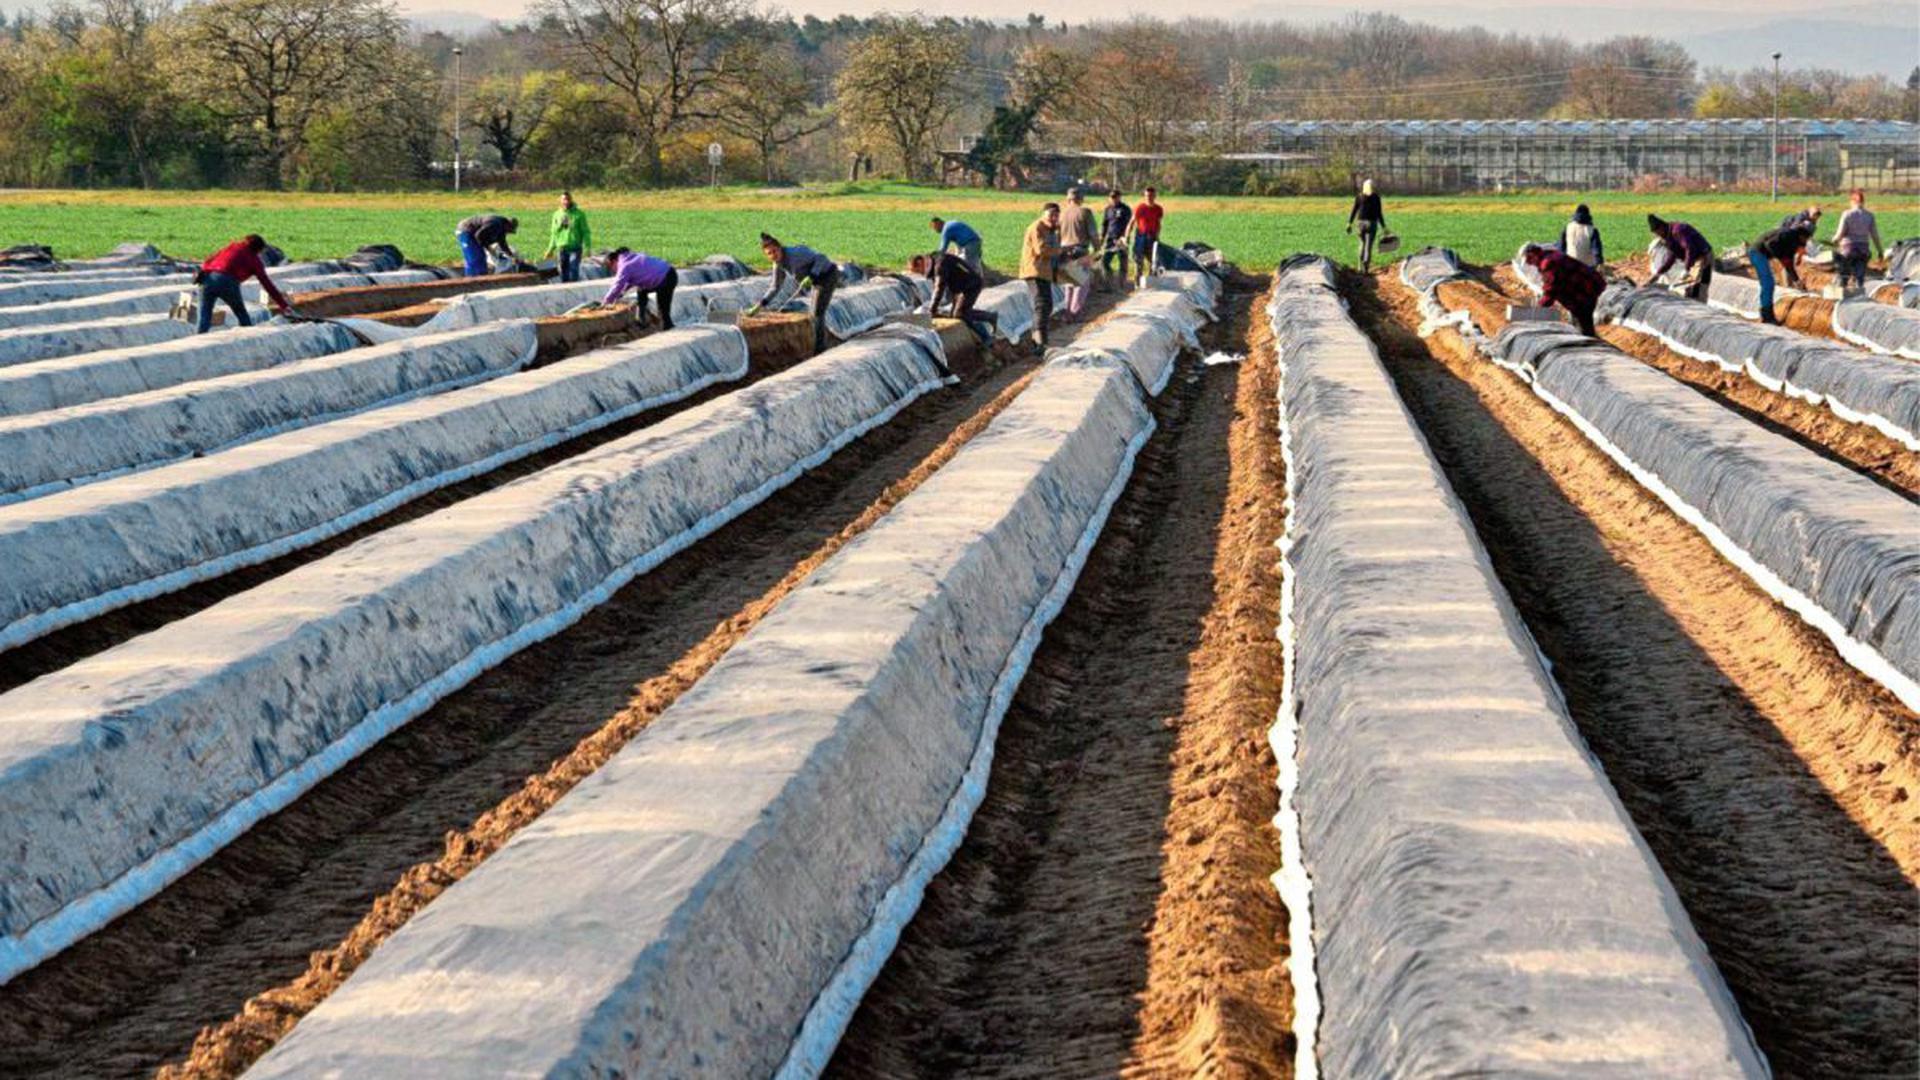 Reihenweise Arbeit: Ohne Helfer aus Osteuropa wäre die Ernte auf den Feldern nicht zu stemmen. Allerdings stellen sich in Sachen Hygieneregeln und Infektionsschutz viele Fragen.